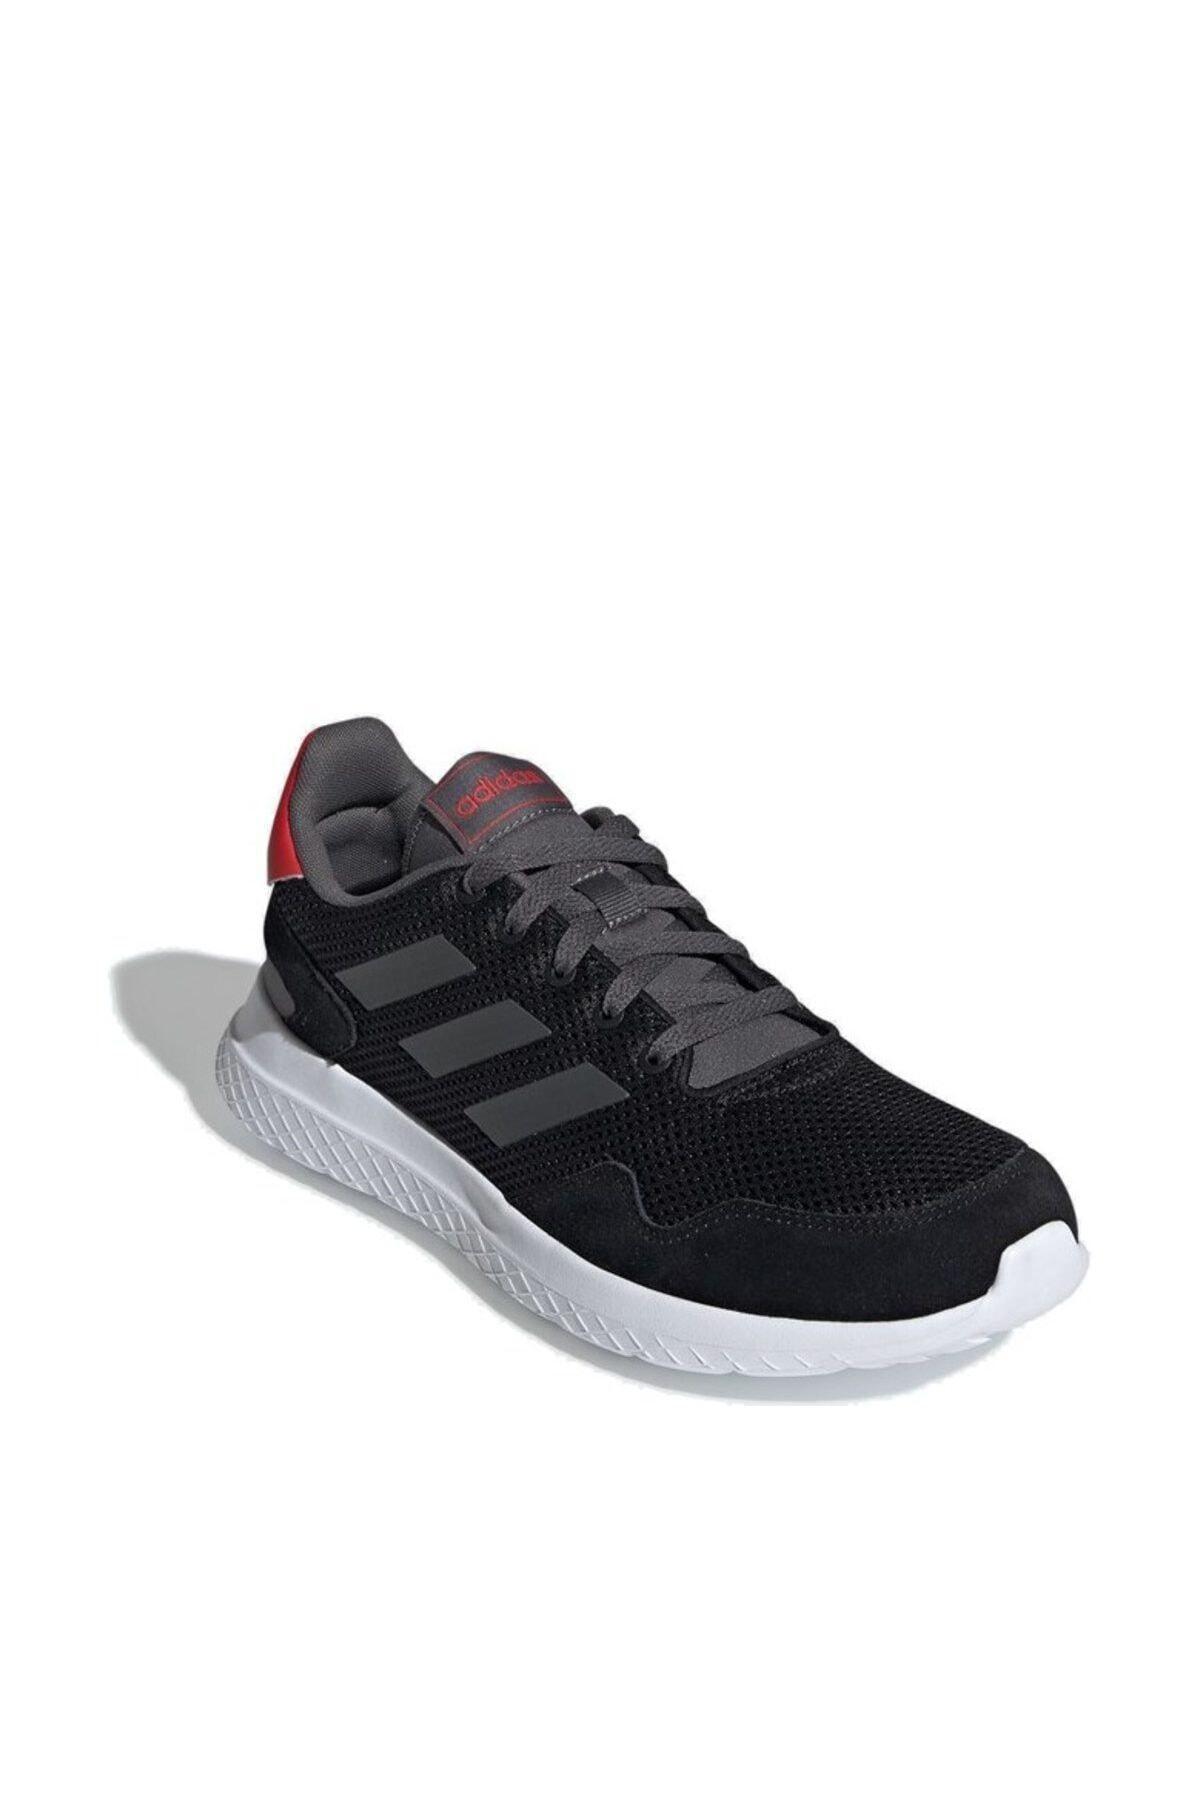 adidas Erkek Siyah Bağcıklı Koşu Ayakkabısı 2